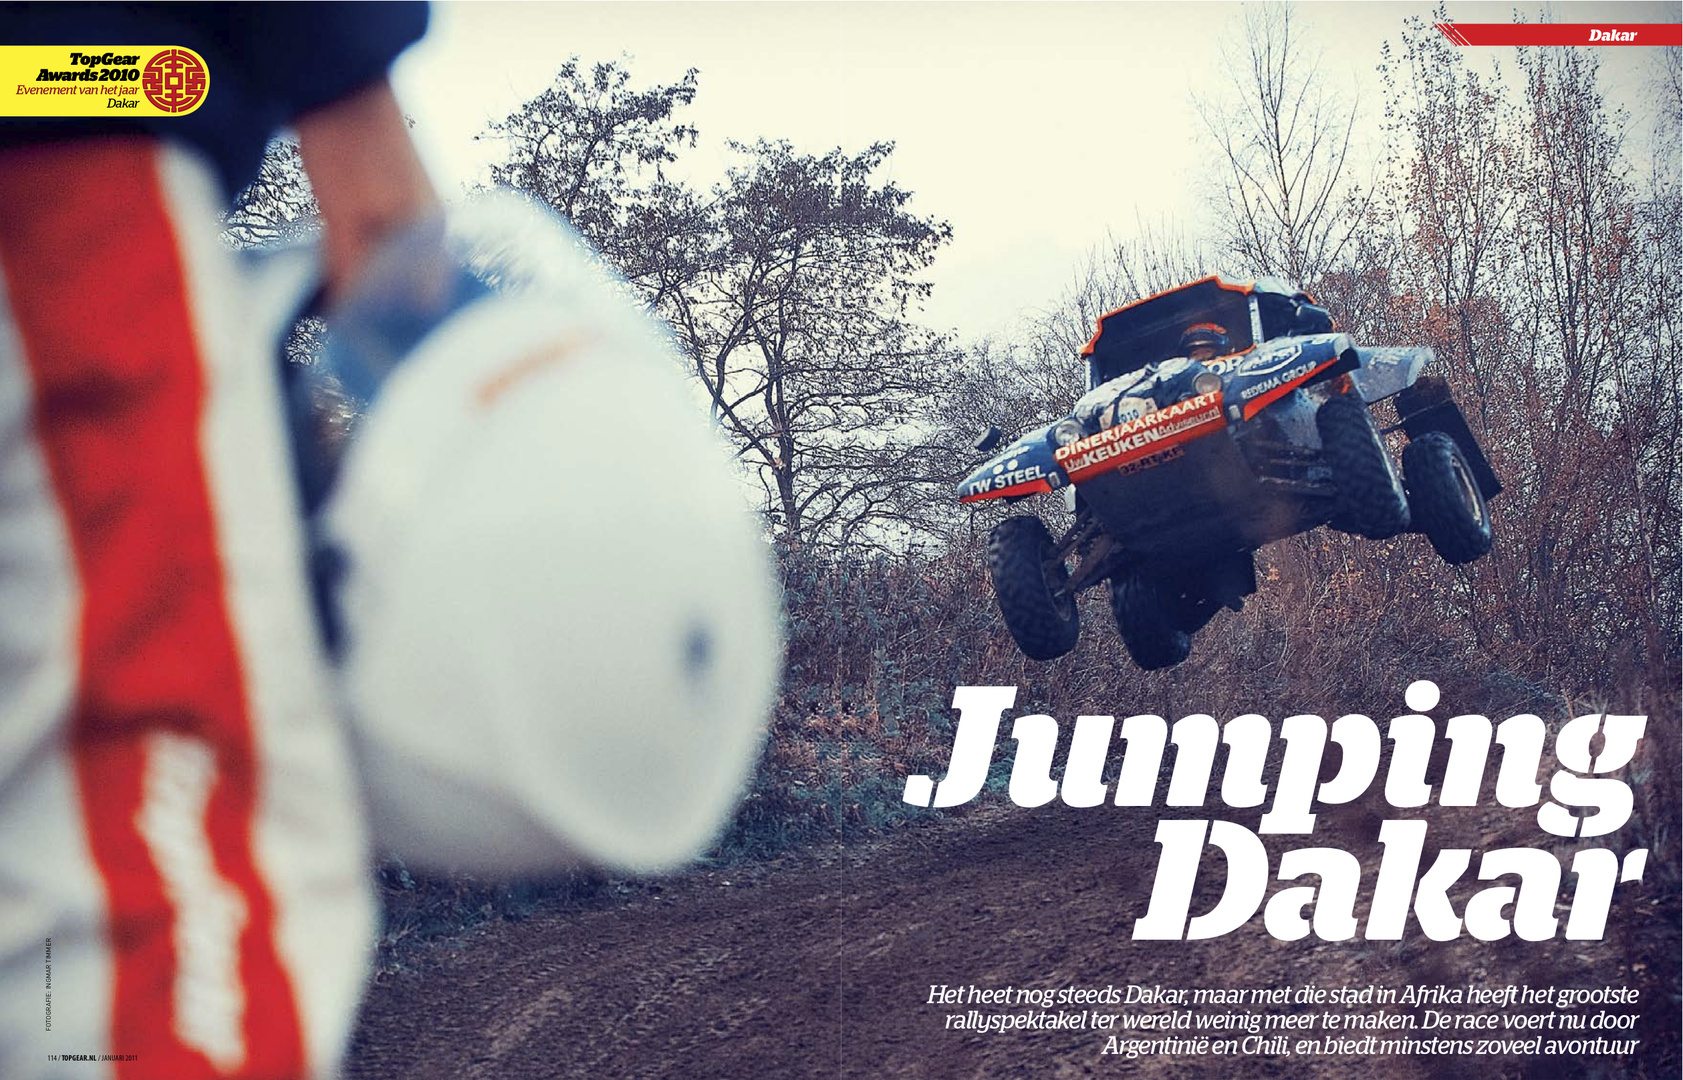 TG67-DM-Dakar.jpg